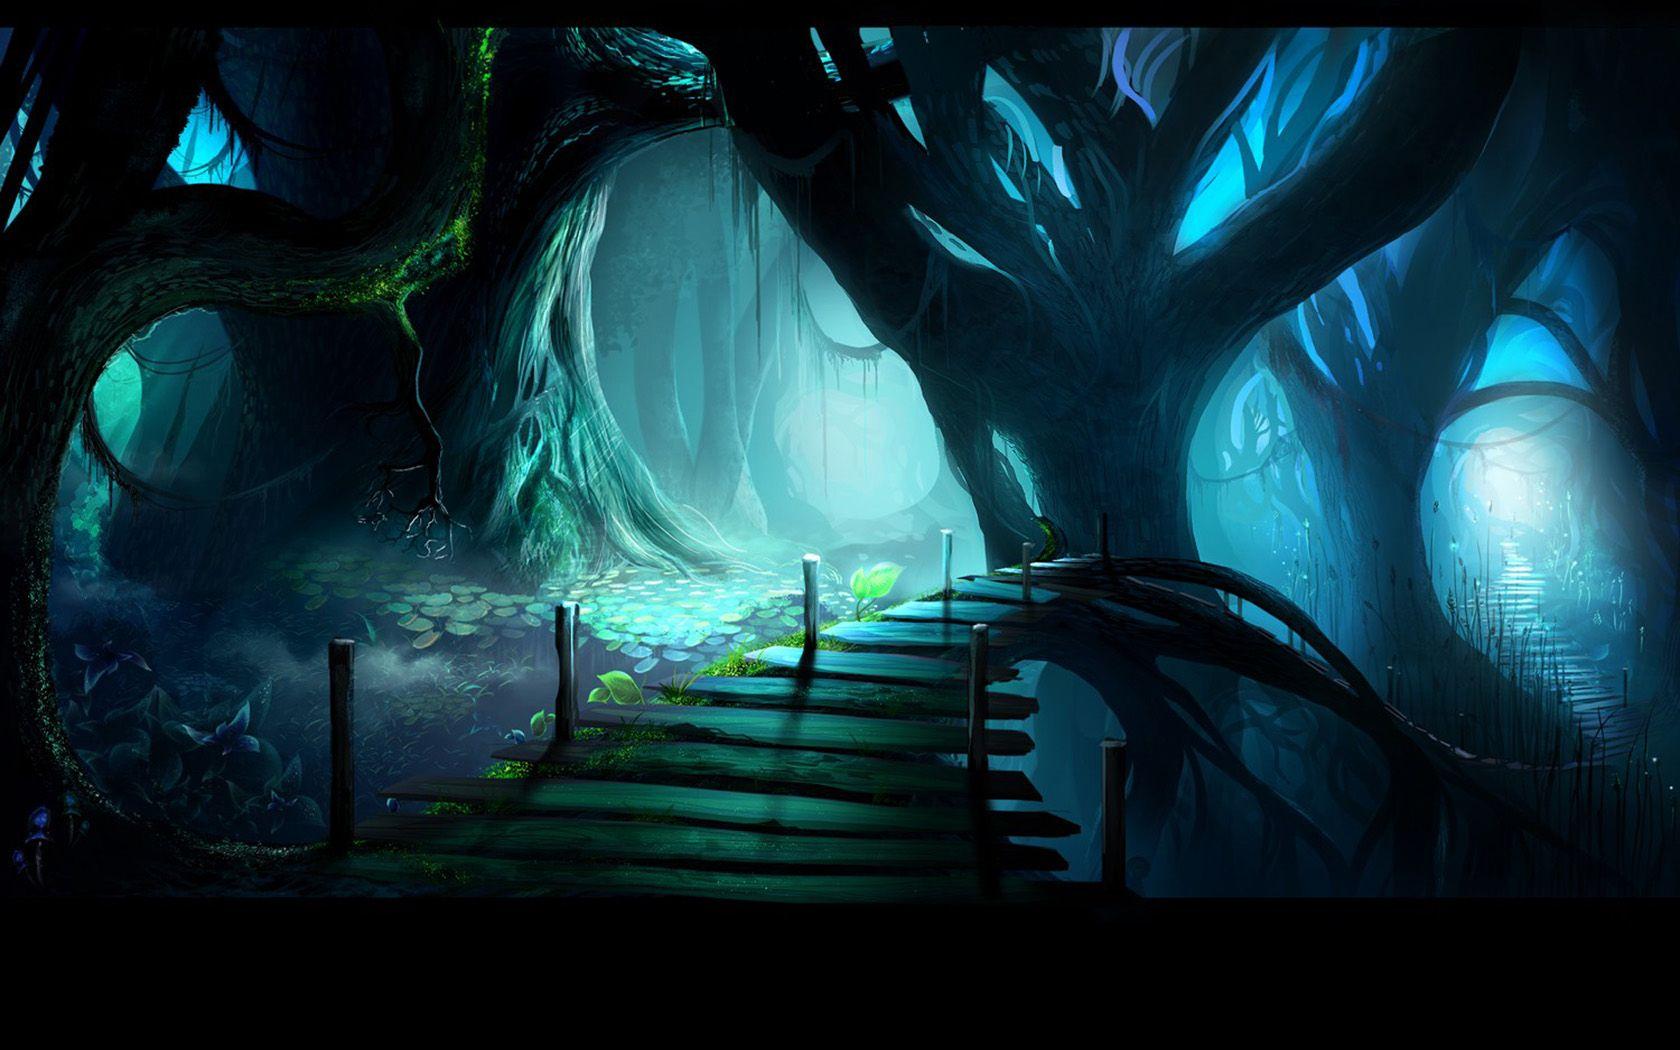 Fantasy Forest Night Wallpaper Hd Wallpaper Fantasy Landscape Landscape Scenery Fantasy Forest